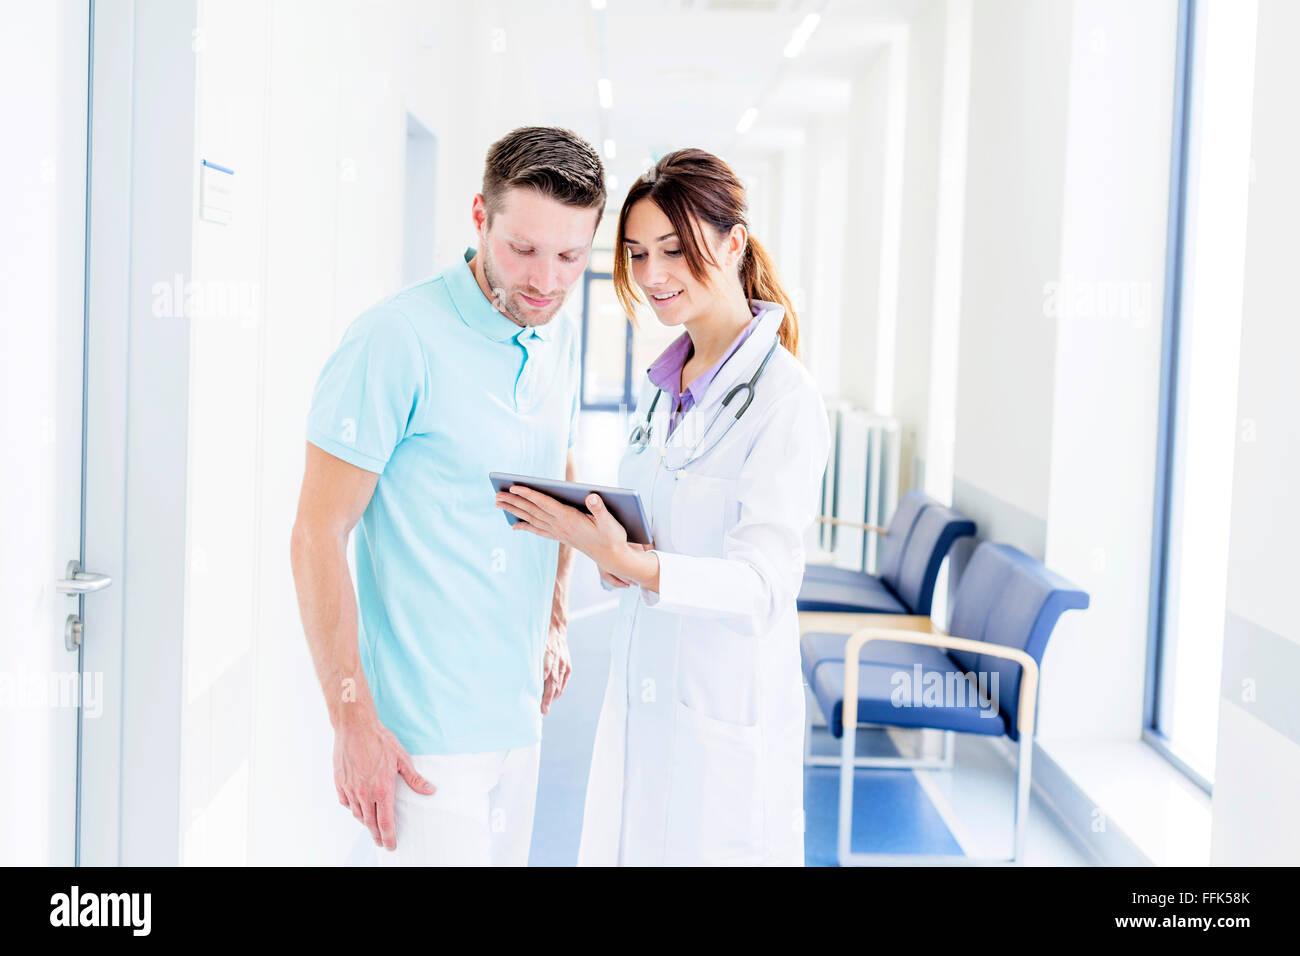 Männlichen und weiblichen Arzt im Krankenhausflur mit digital-Tablette Stockbild